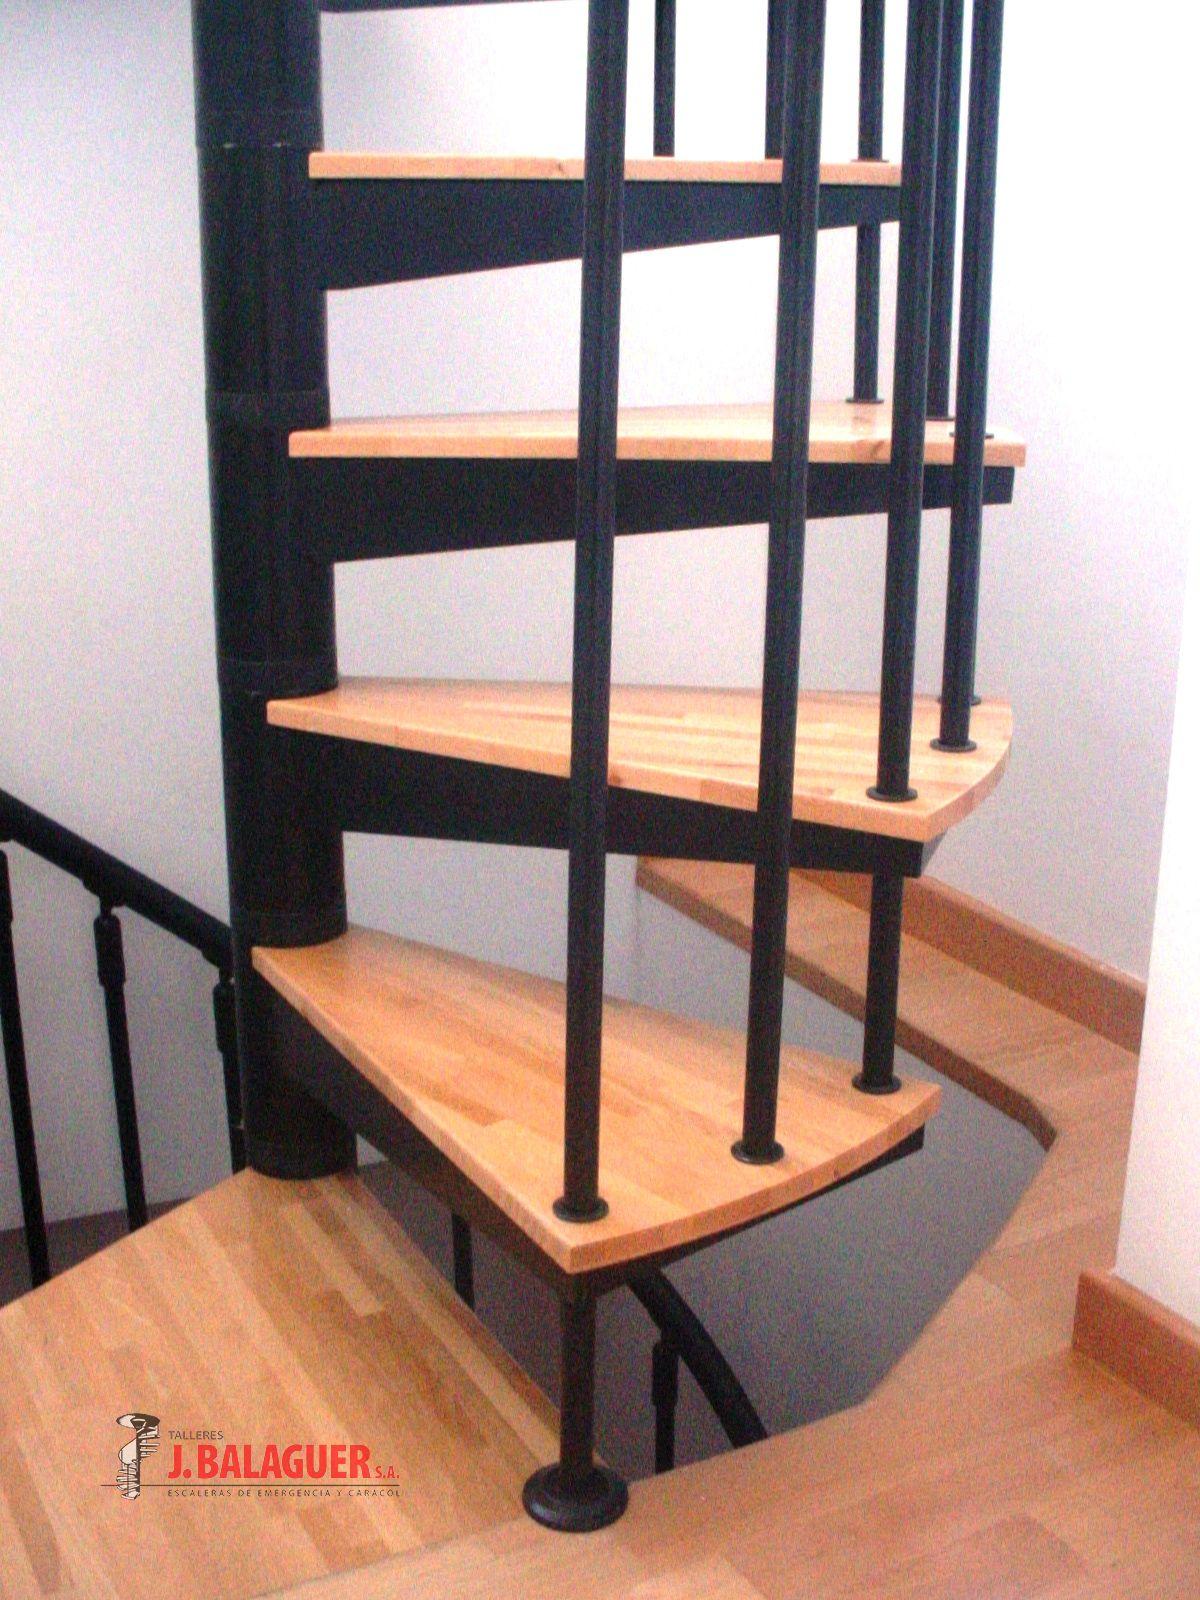 Coleccio N Del Modelo M8 Escaleras Balaguer ~ Dimensiones Escalera De Caracol